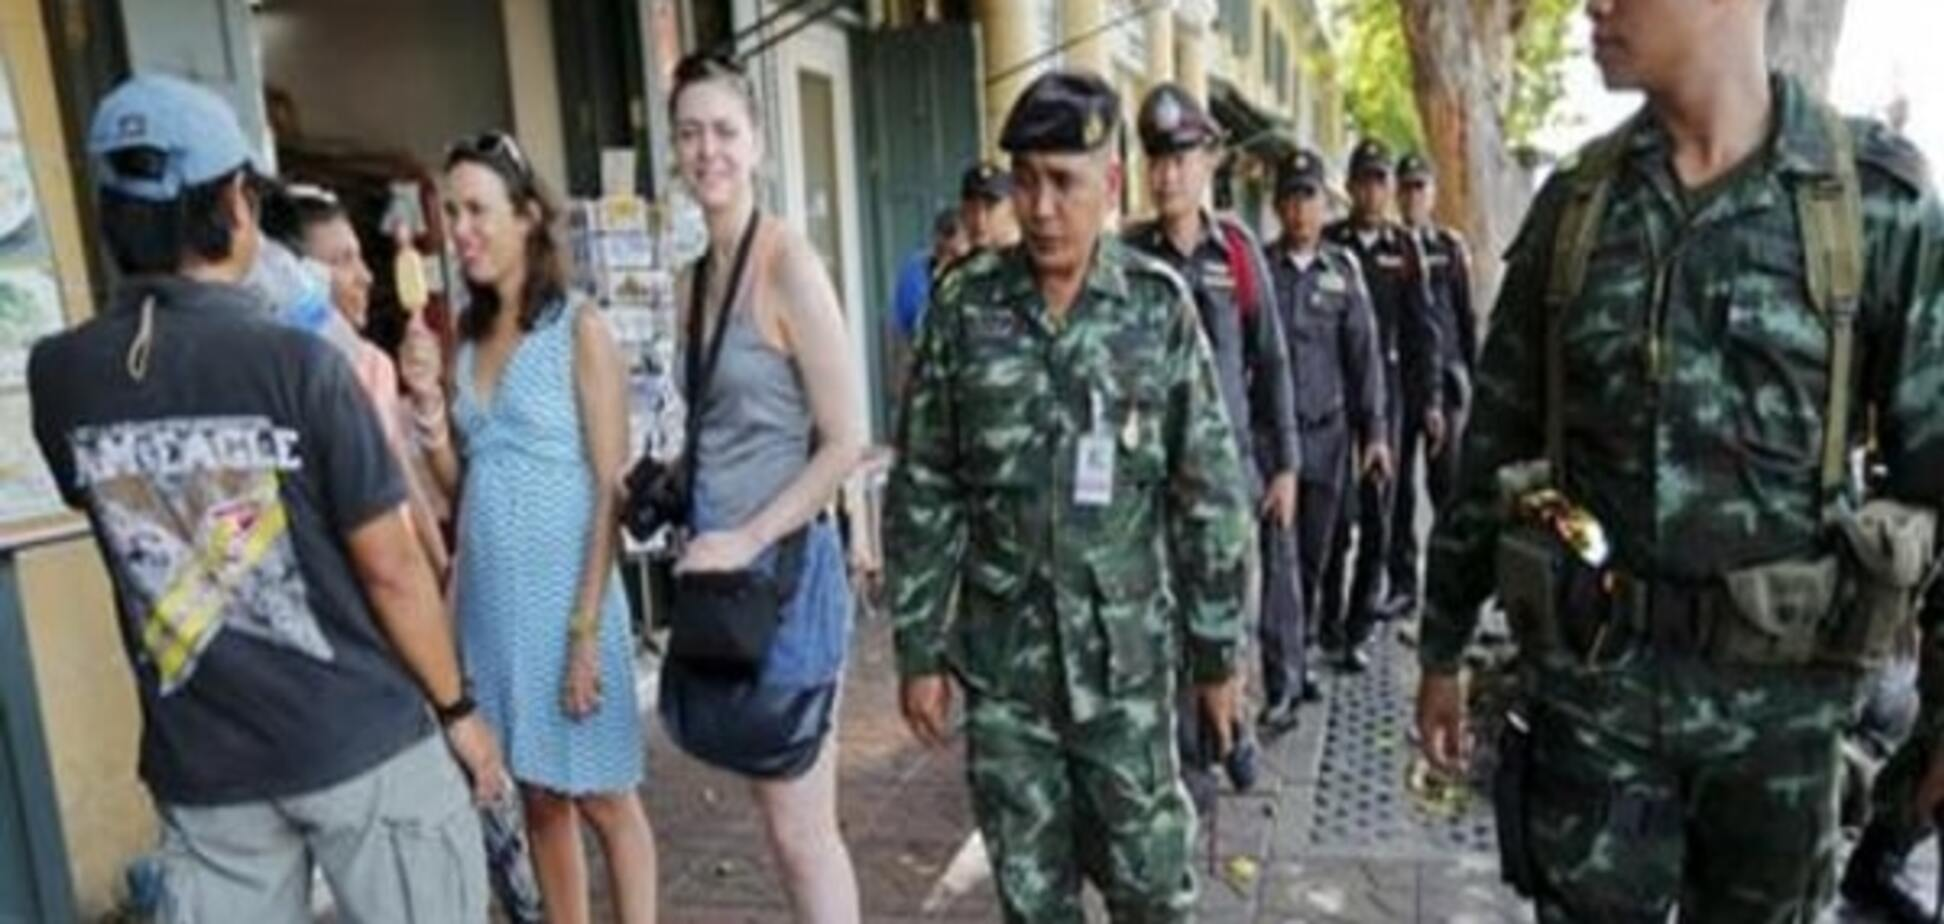 Поліція Таїланду посилює заходи безпеки у місцях відпочинку російських туристів